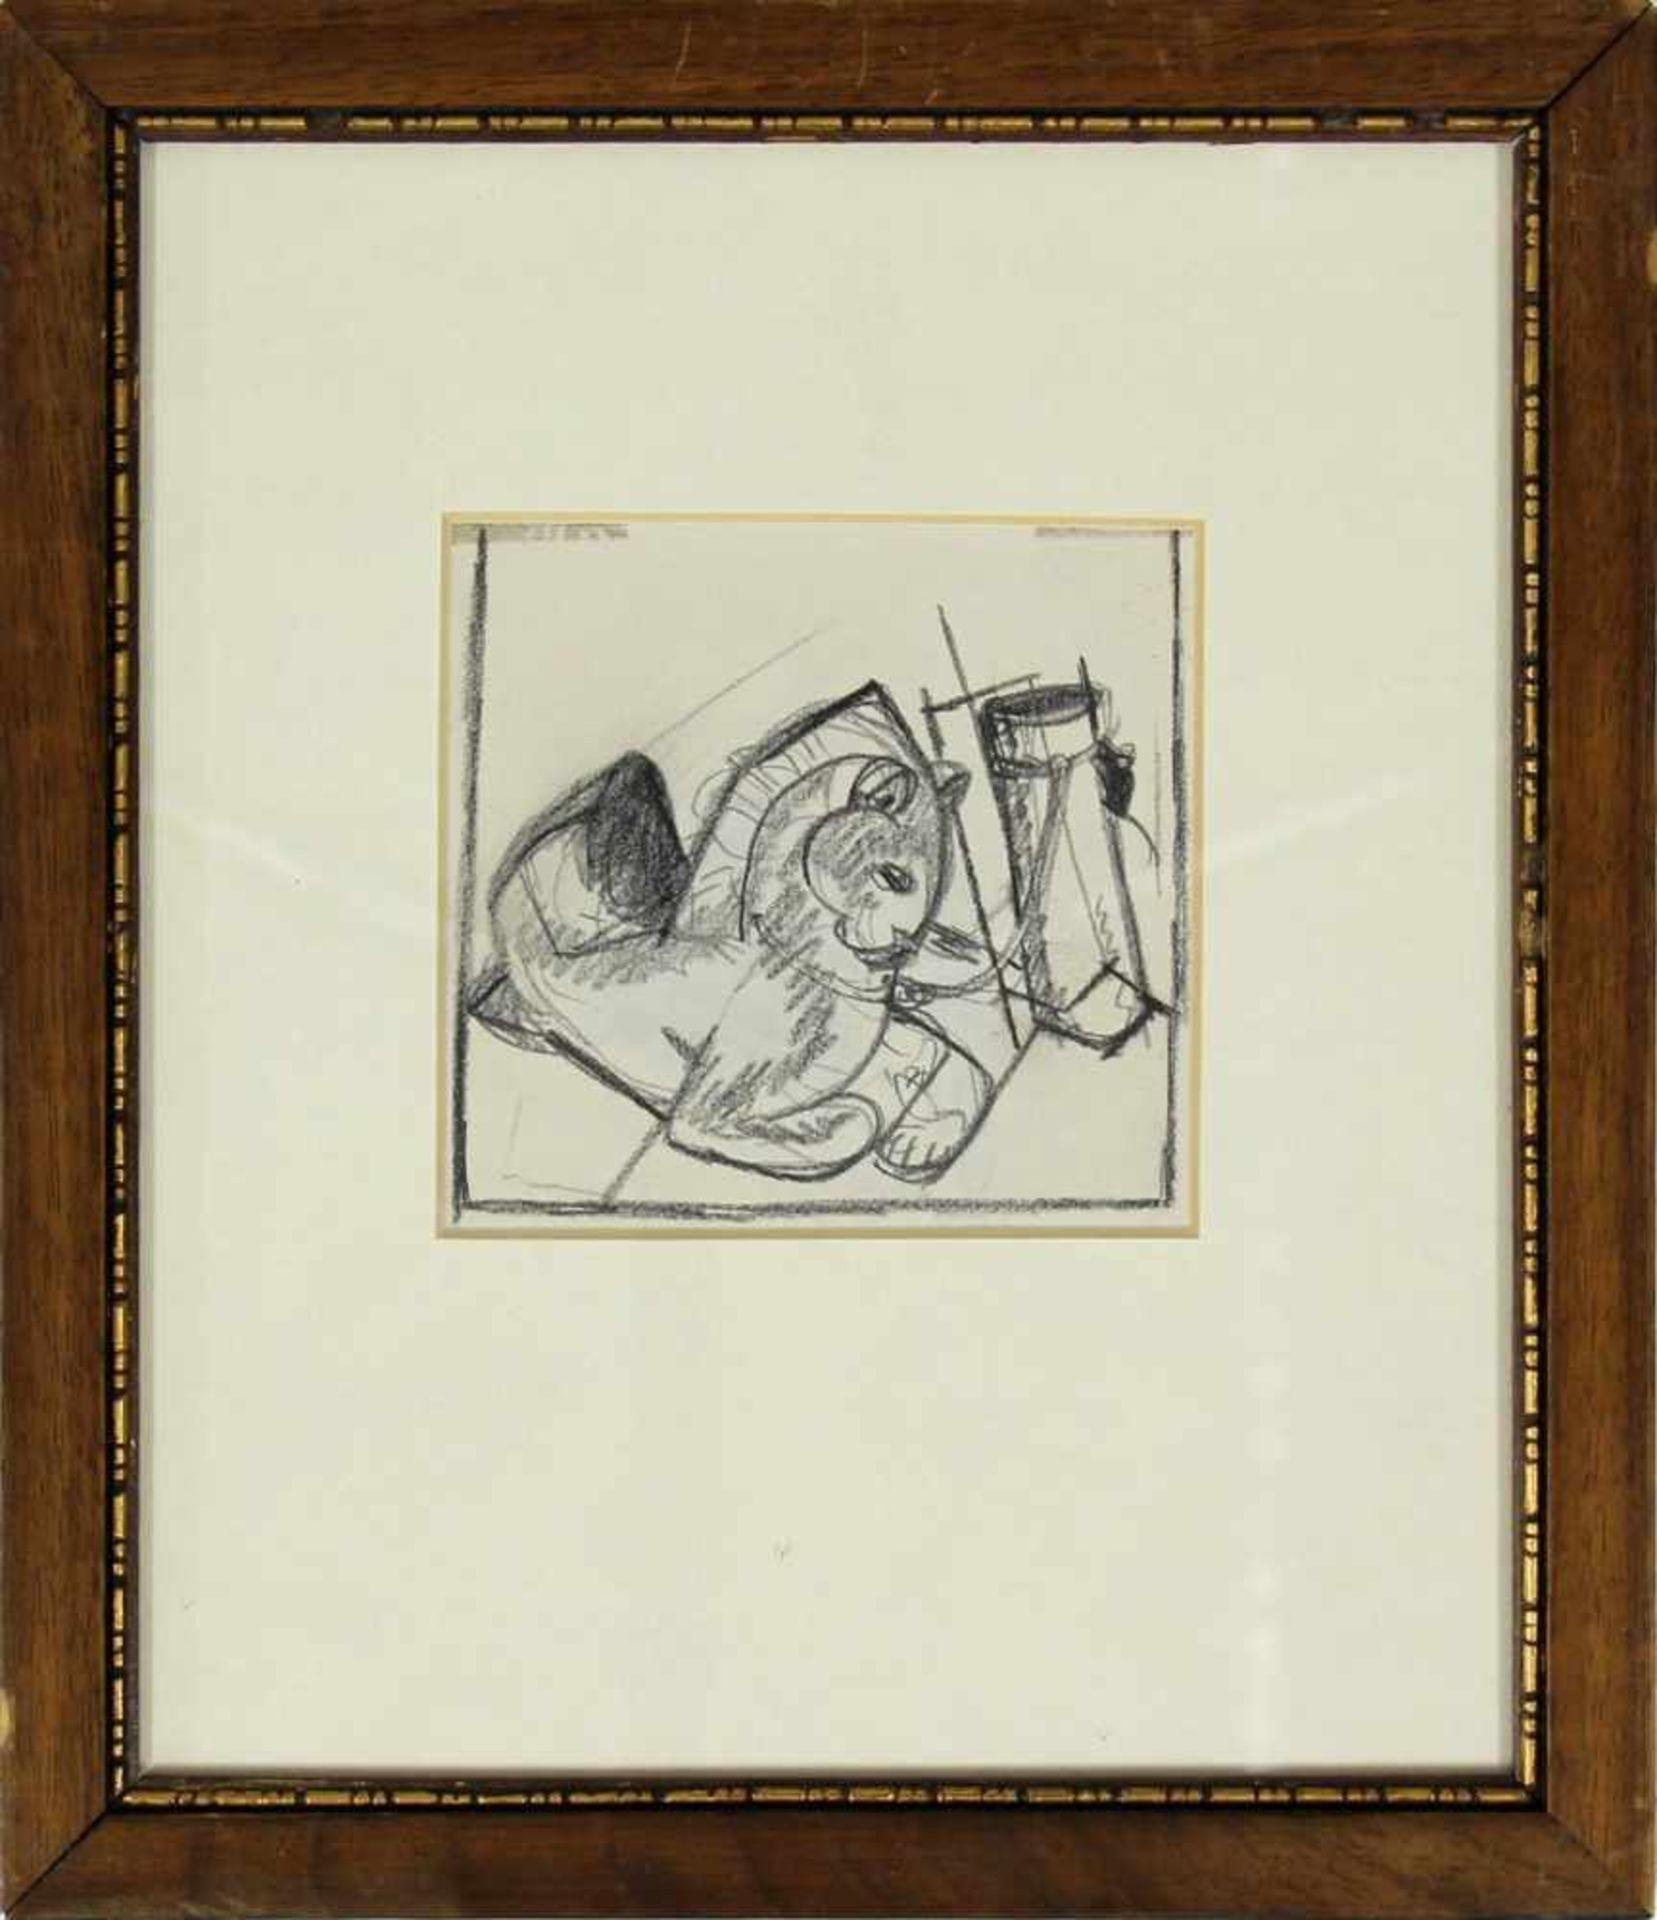 Ludwig Heinrich Jungnickel 1881-1965 Katz & Maus Graphit 16 x 12,5 - Bild 2 aus 3